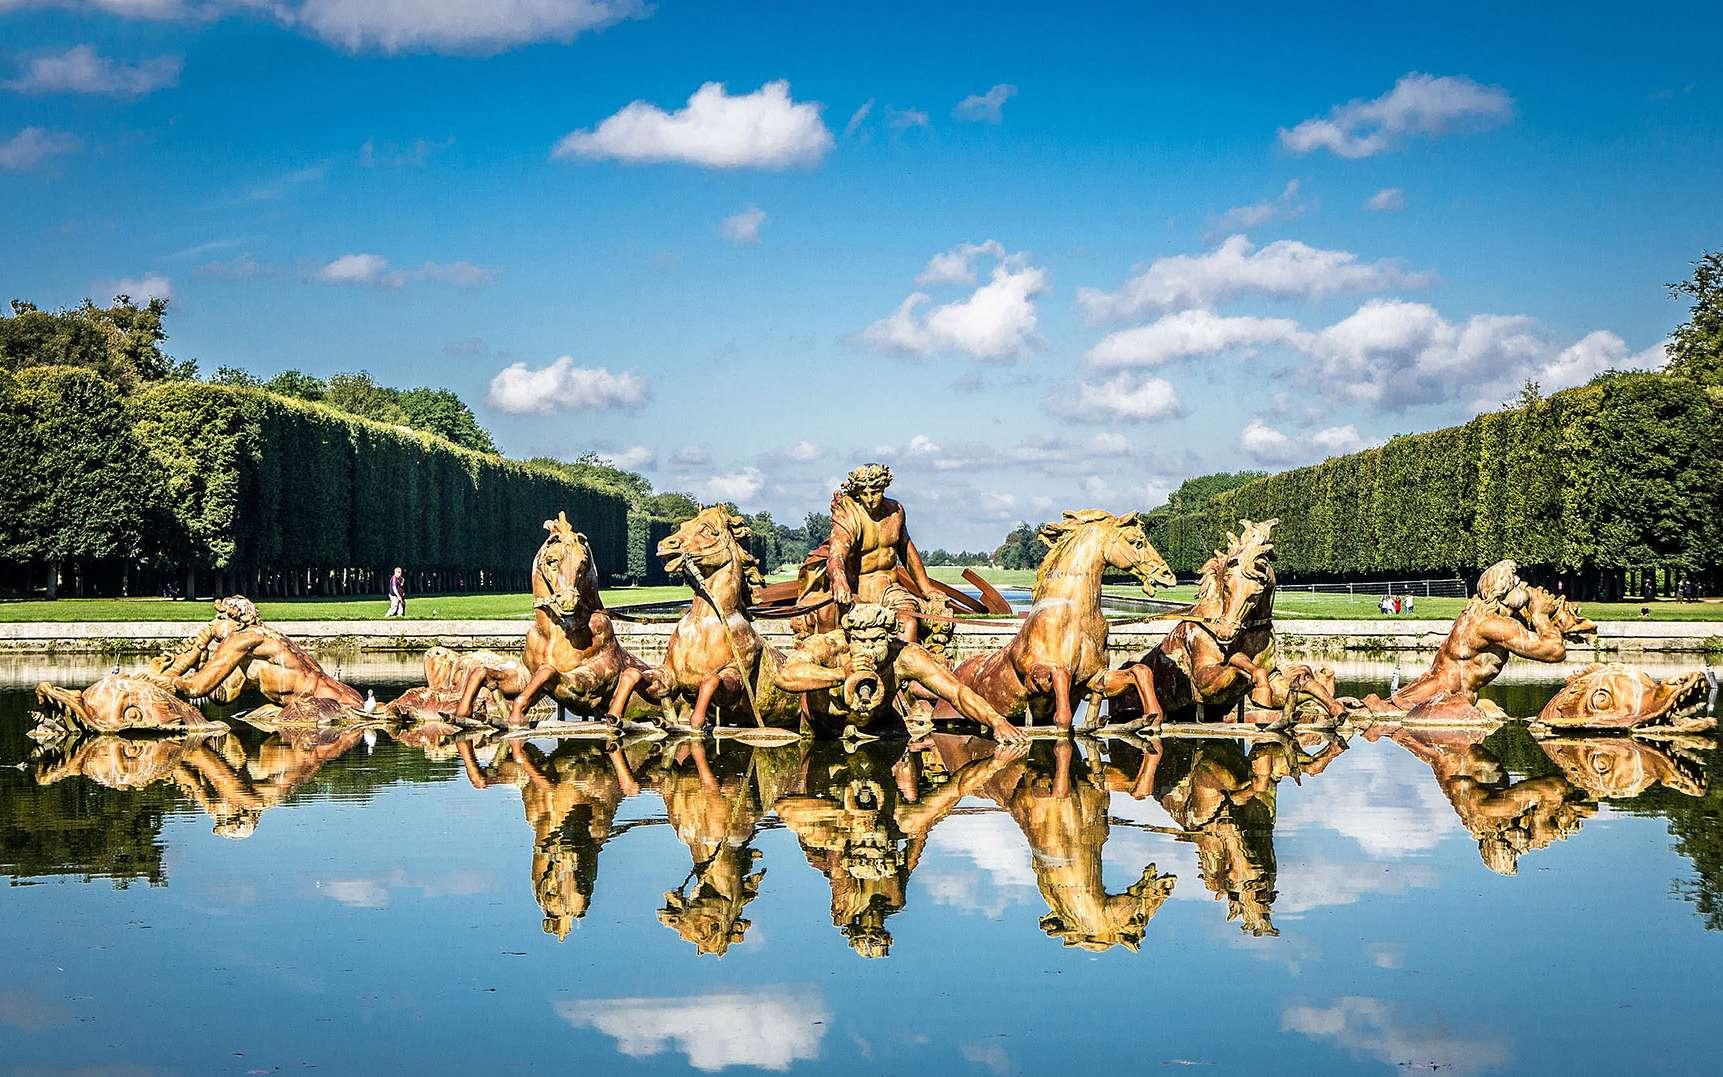 Le Bassin d'Apollon du château de Versailles représente le dieu grec sortant de l'eau dans un chariot tiré par quatre chevaux. © gags9999, Wikimedia Commons, CC by 2.0